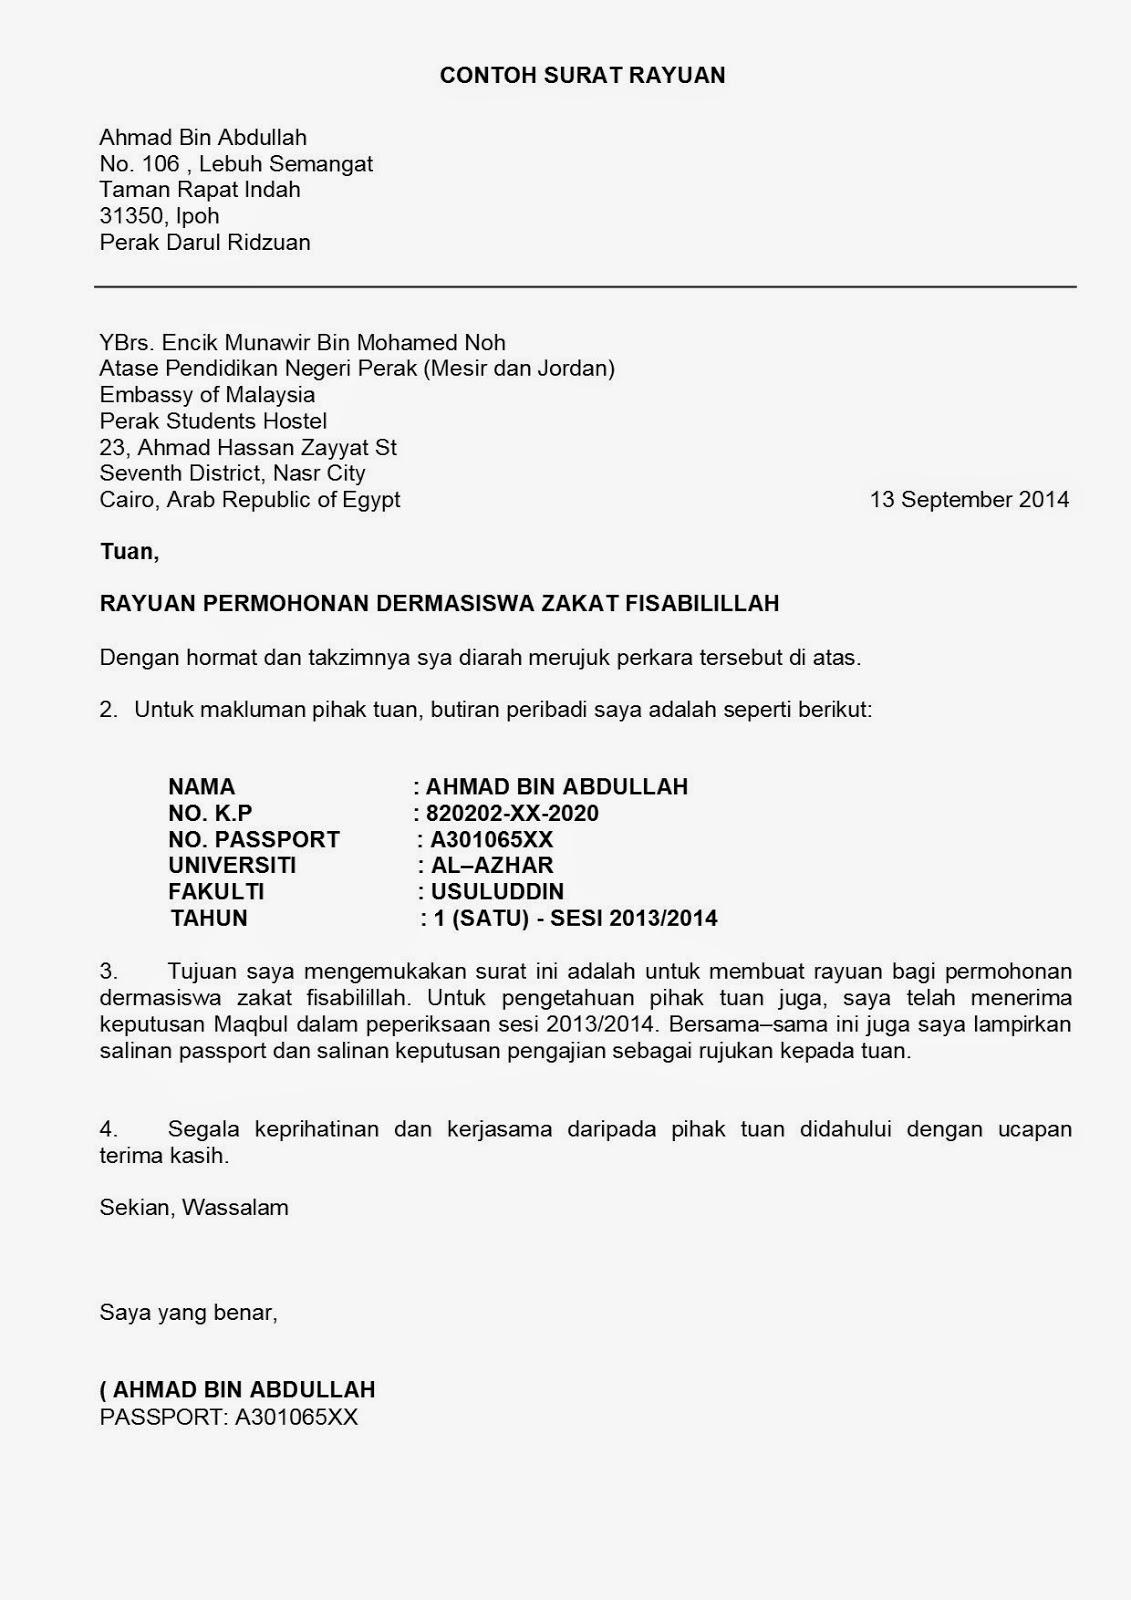 Contoh Surat Rasmi Permohonan Sambung Kontrak Kerja Arasmi